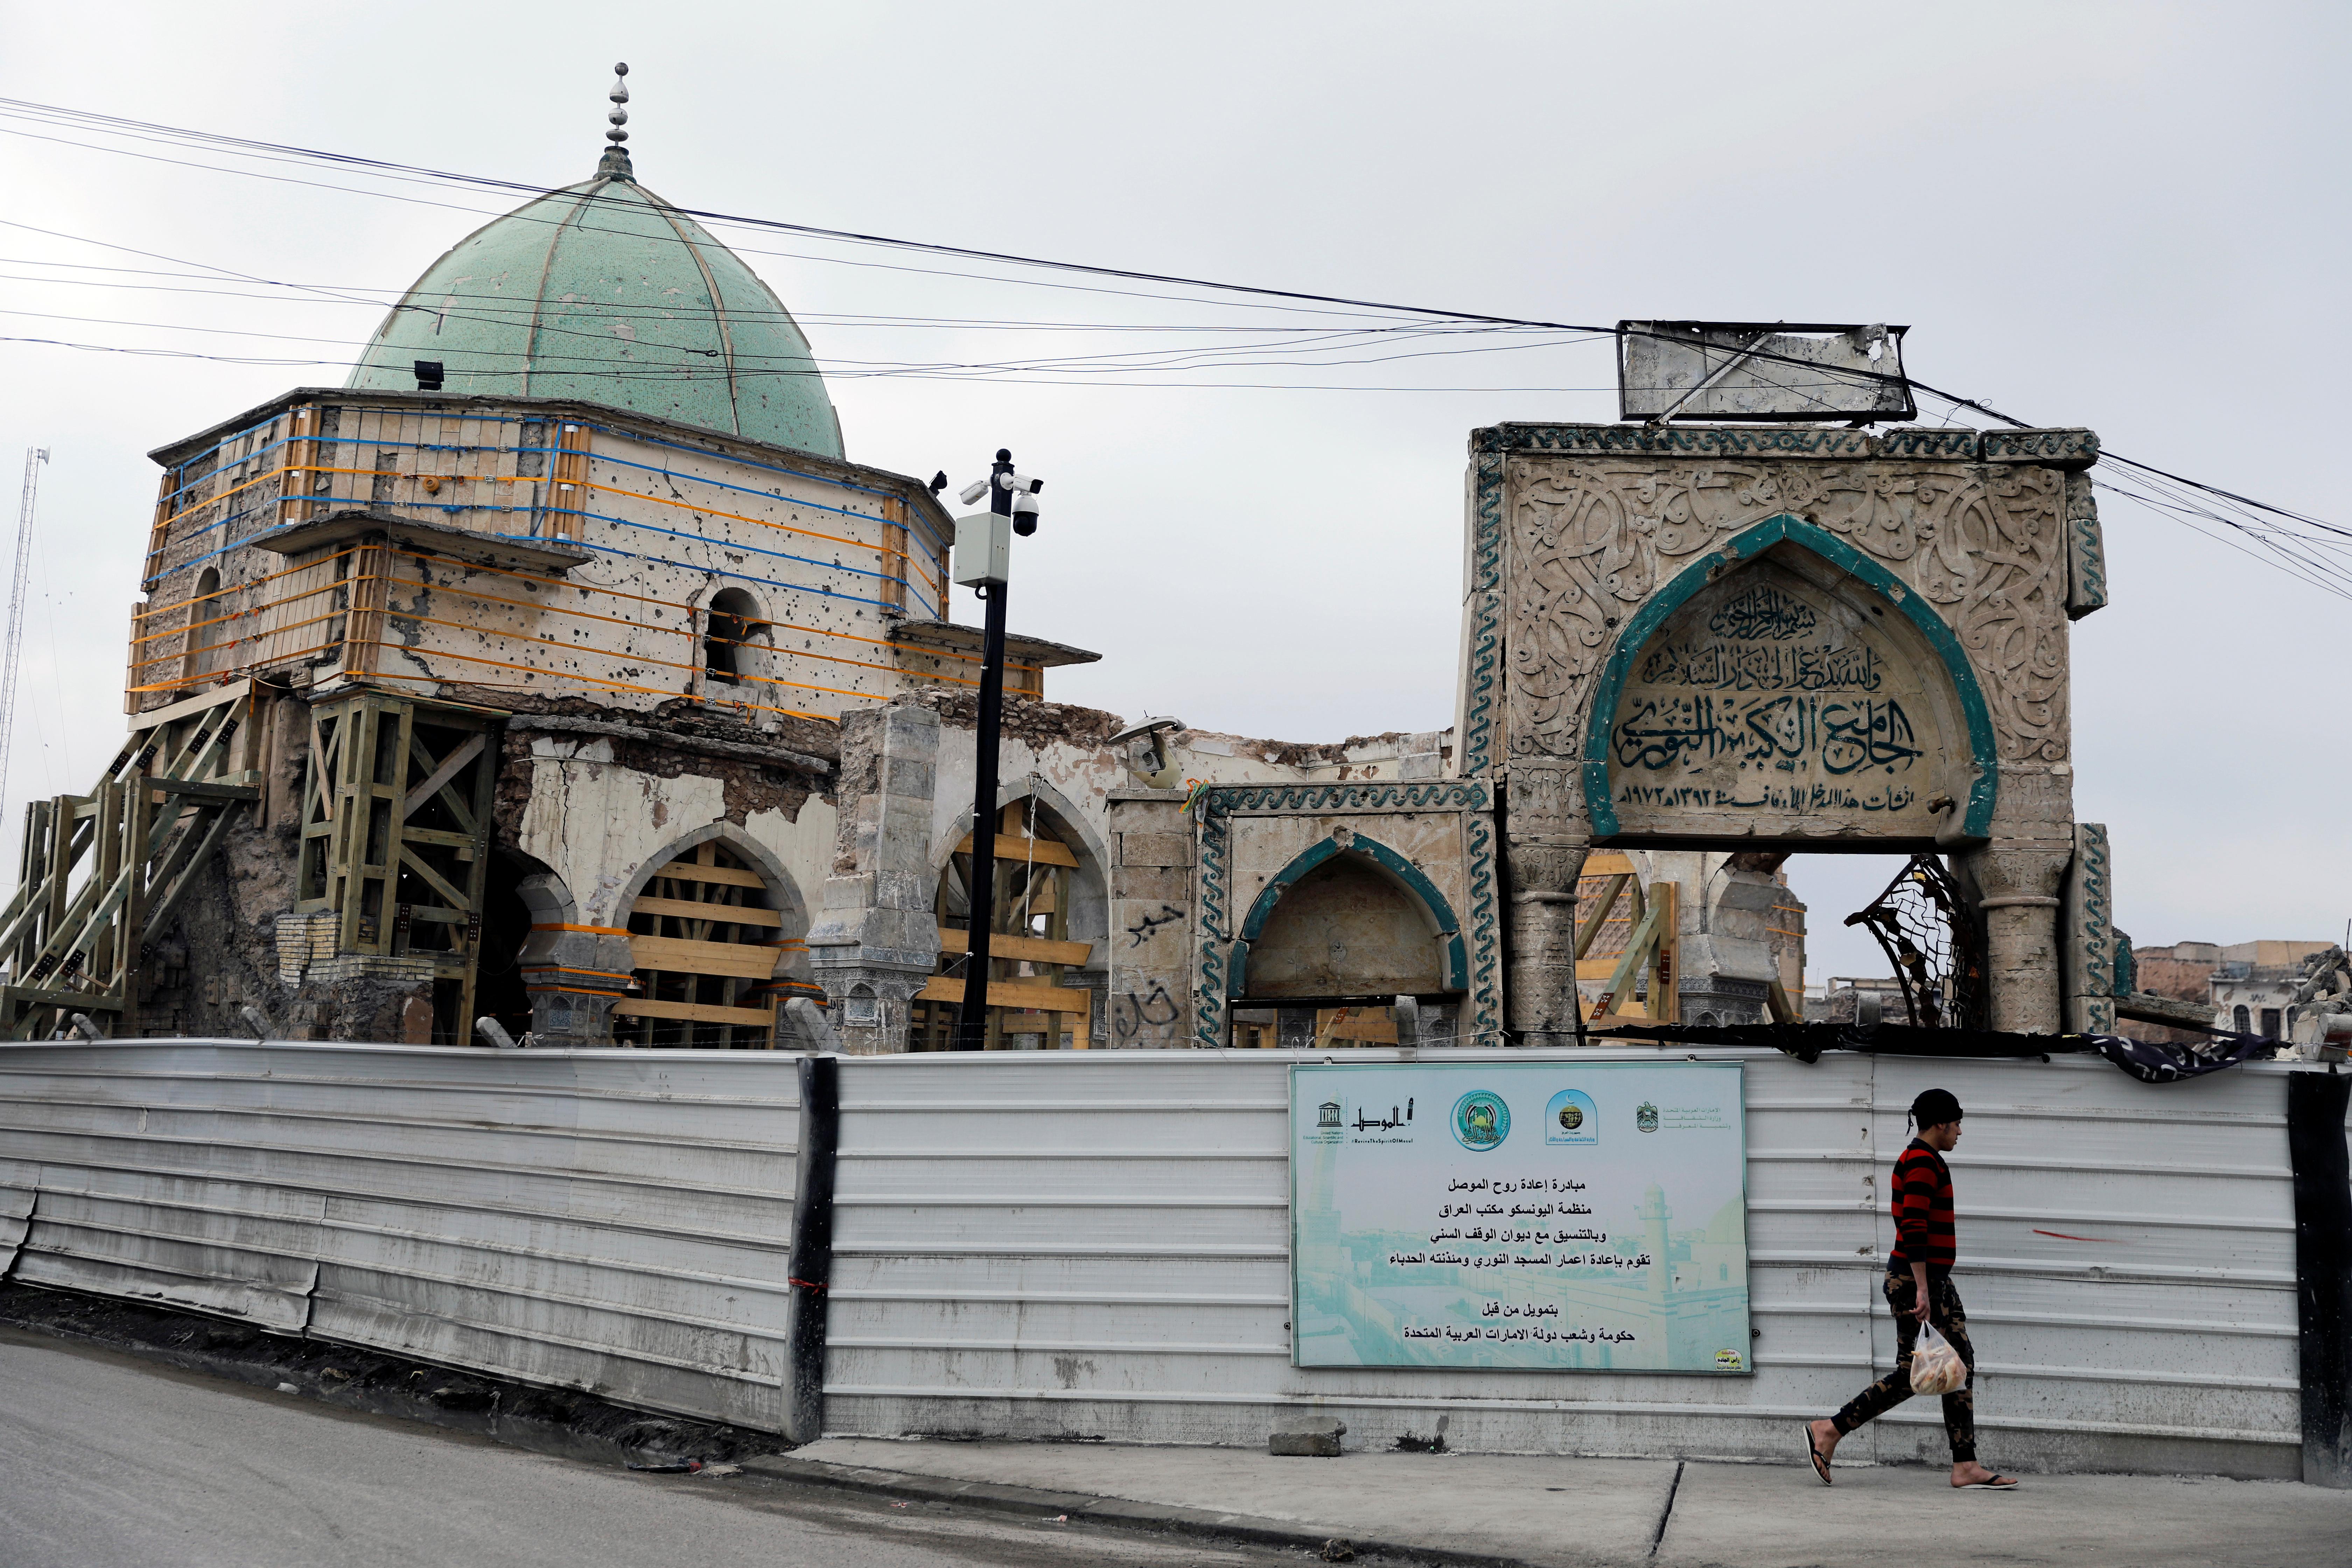 الجامع النوري شهد الظهور العلني والوحيد للزعيم السابق لداعش، أبو بكر البغدادي.